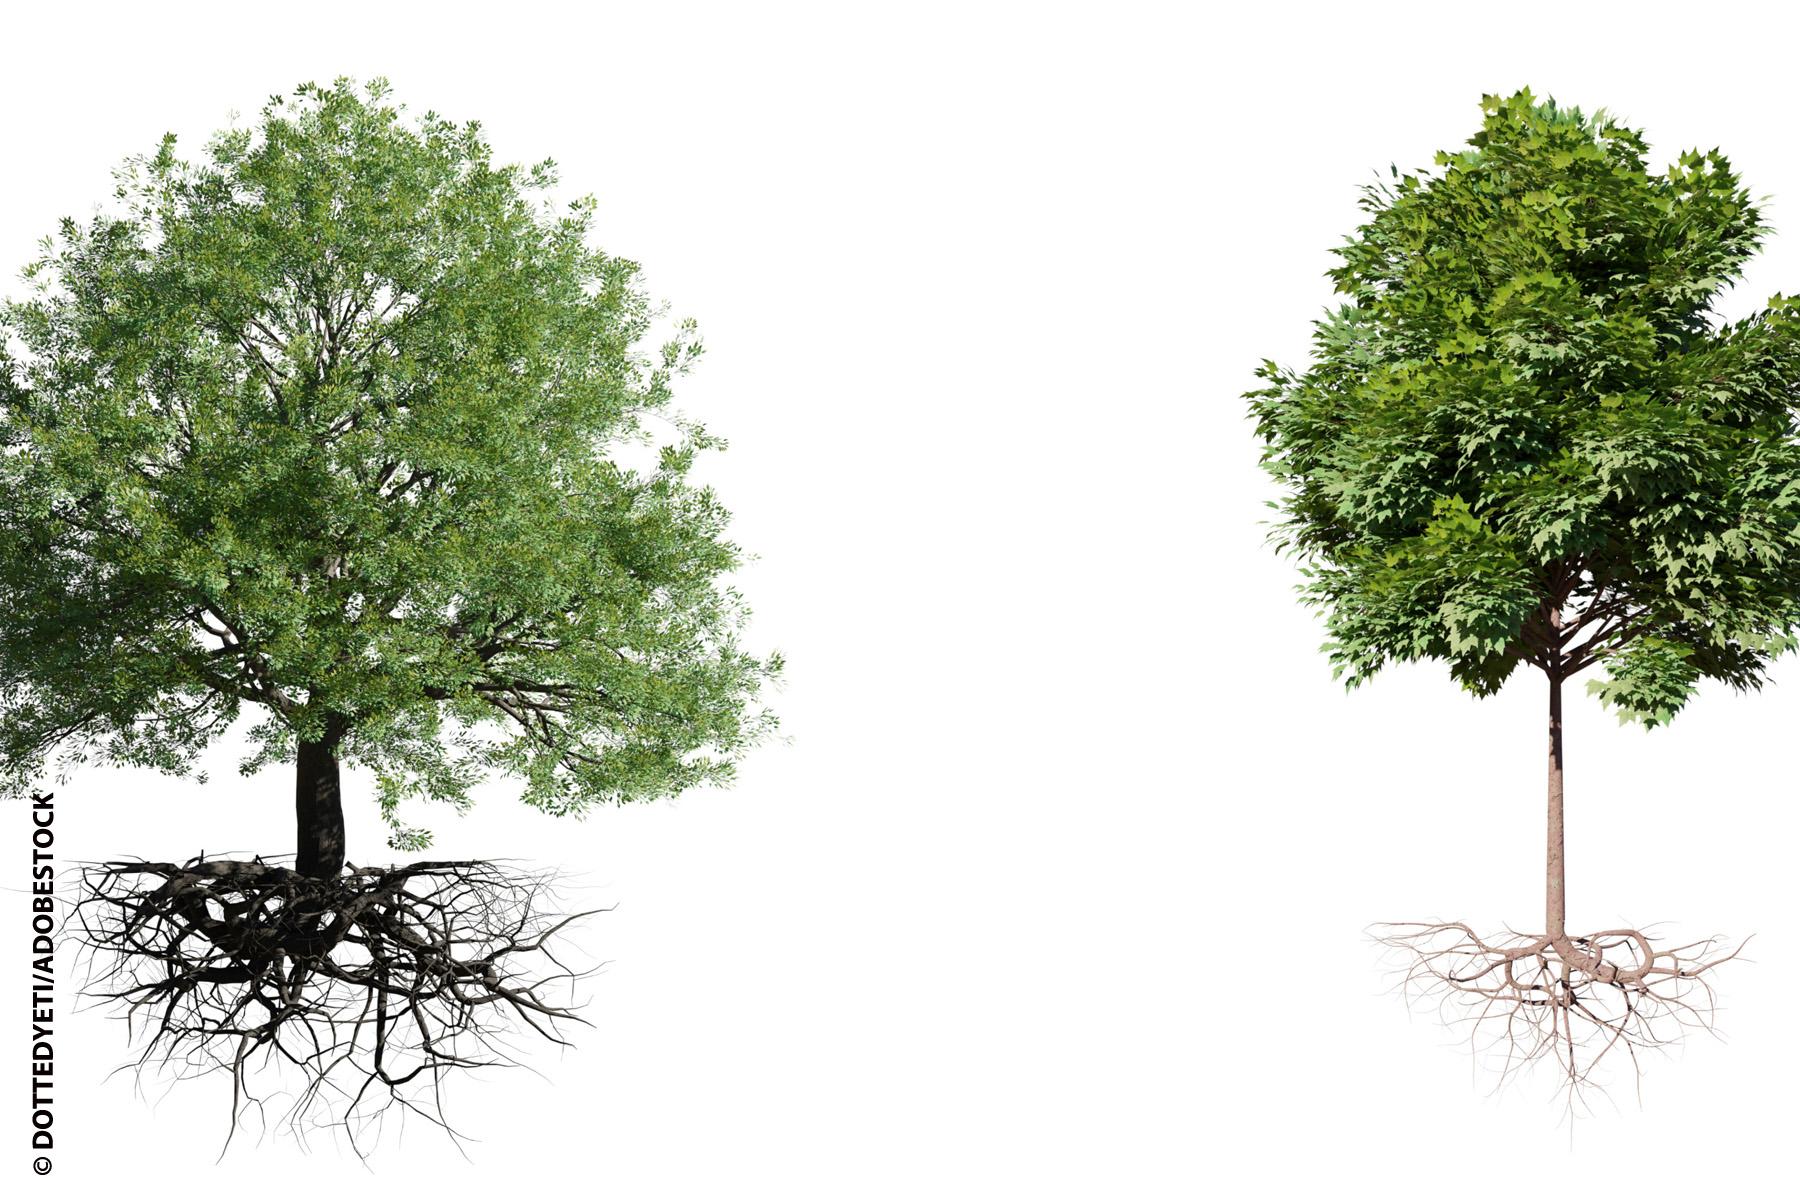 penser comme un arbre